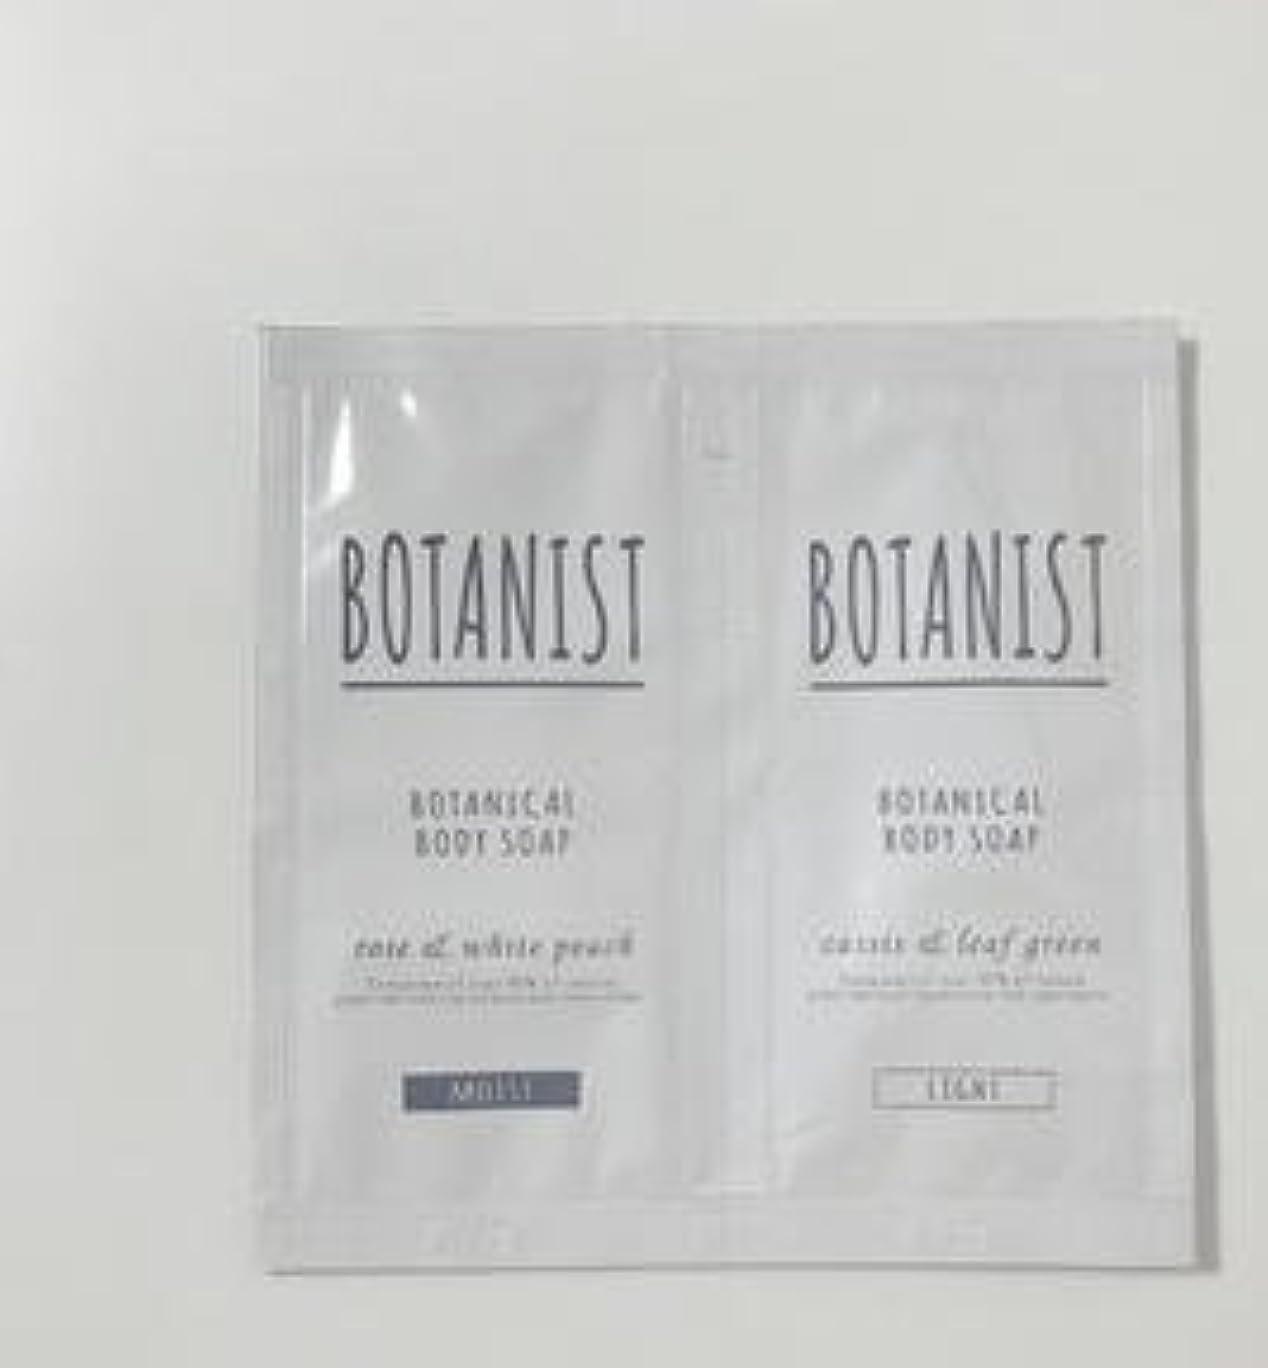 BOTANIST ボタニカル ボディーソープ ライト&モイスト トライアルセット 8ml×2 (ライト&モイスト, 1個)